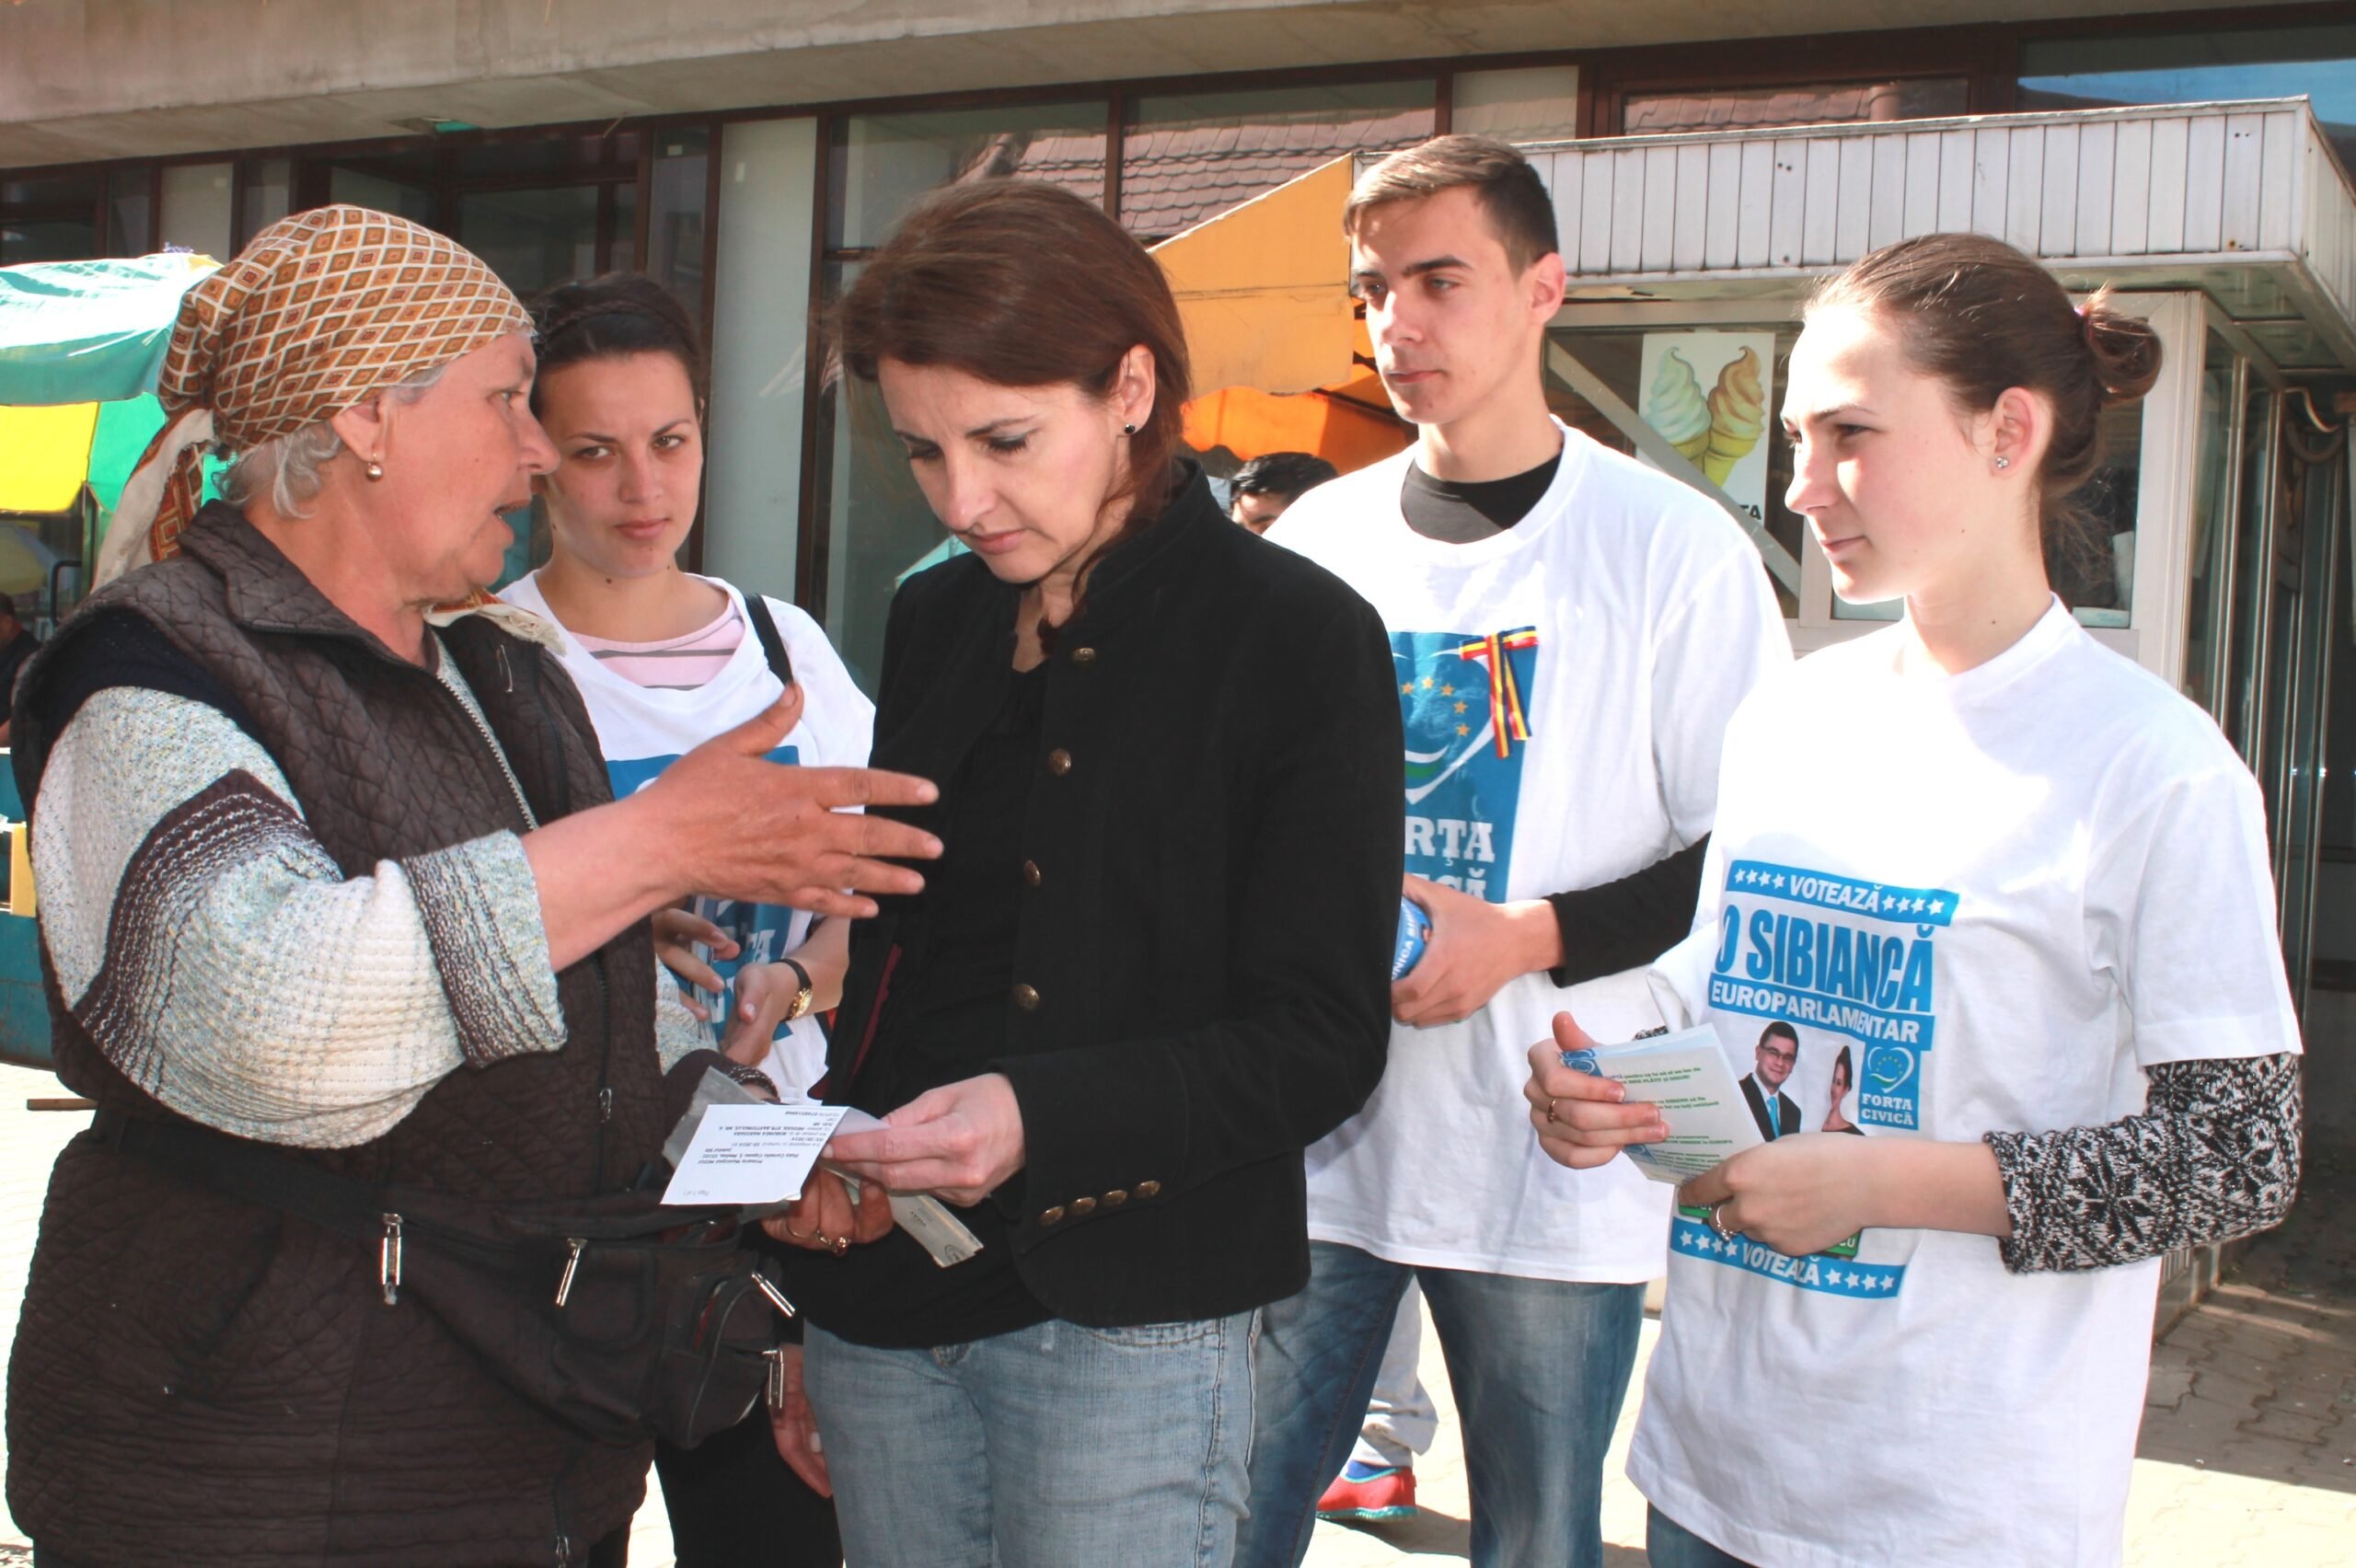 """Diana Pavelescu: """"Le multumesc sibienilor. Dupa votul lor, sunt in Parlamentul European"""""""